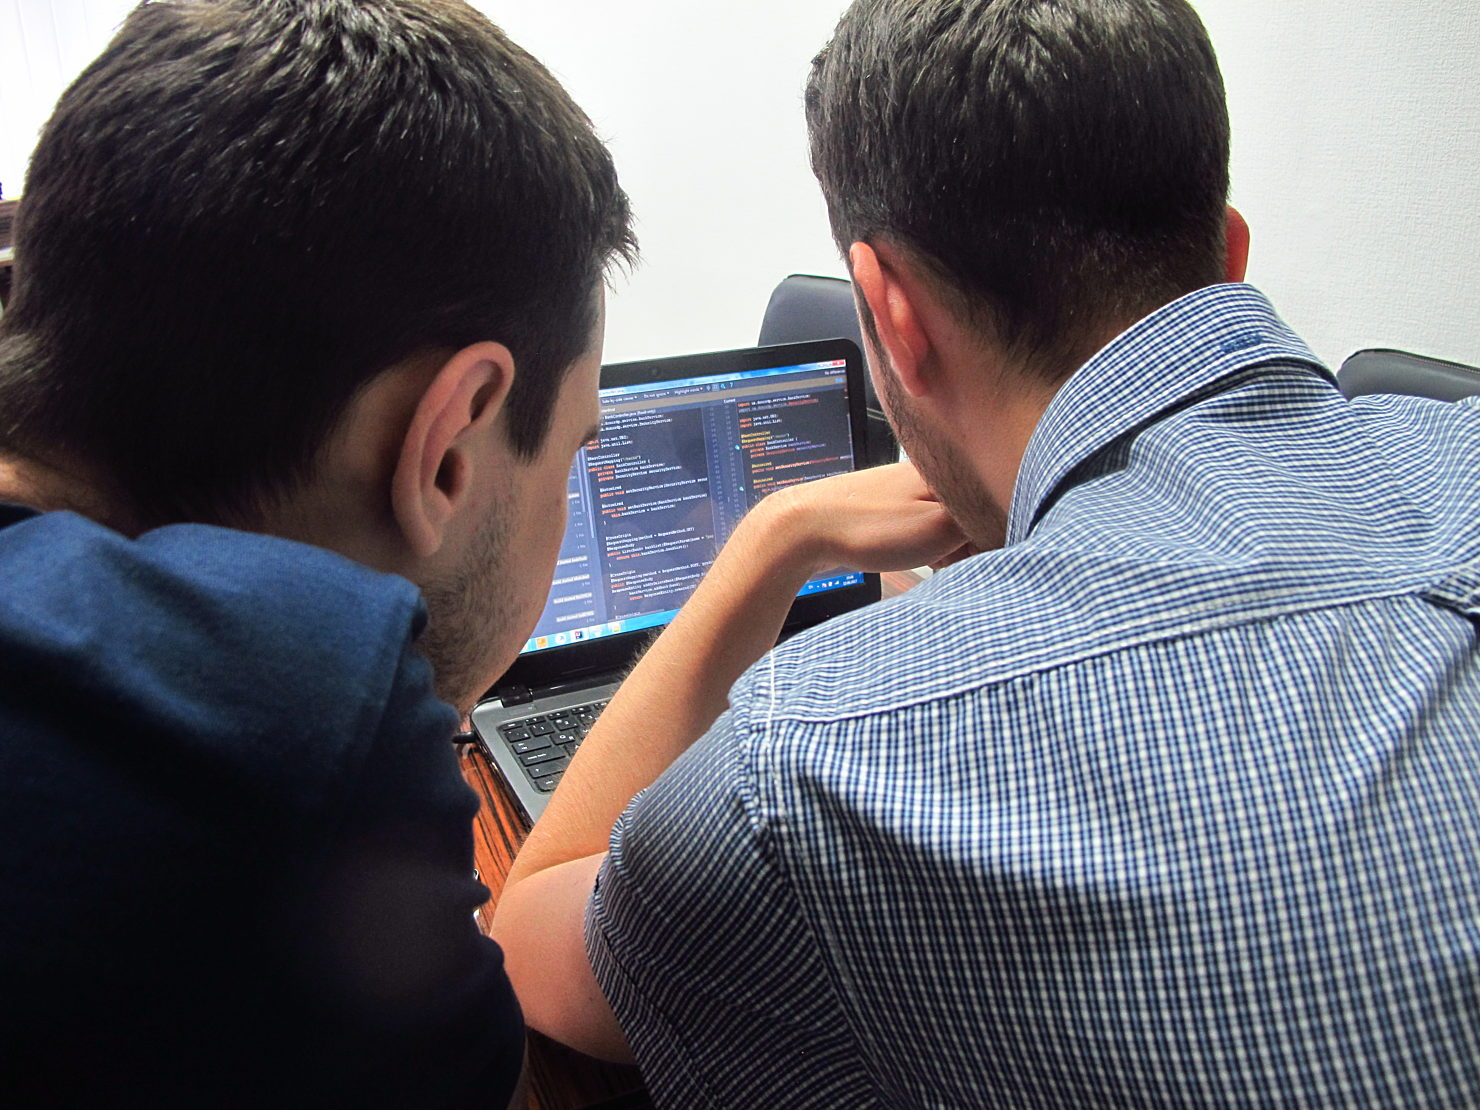 Новости школы: Презентация прототипа программы Hillel Evo в Днепре. Участник программы в процессе работы над проектом